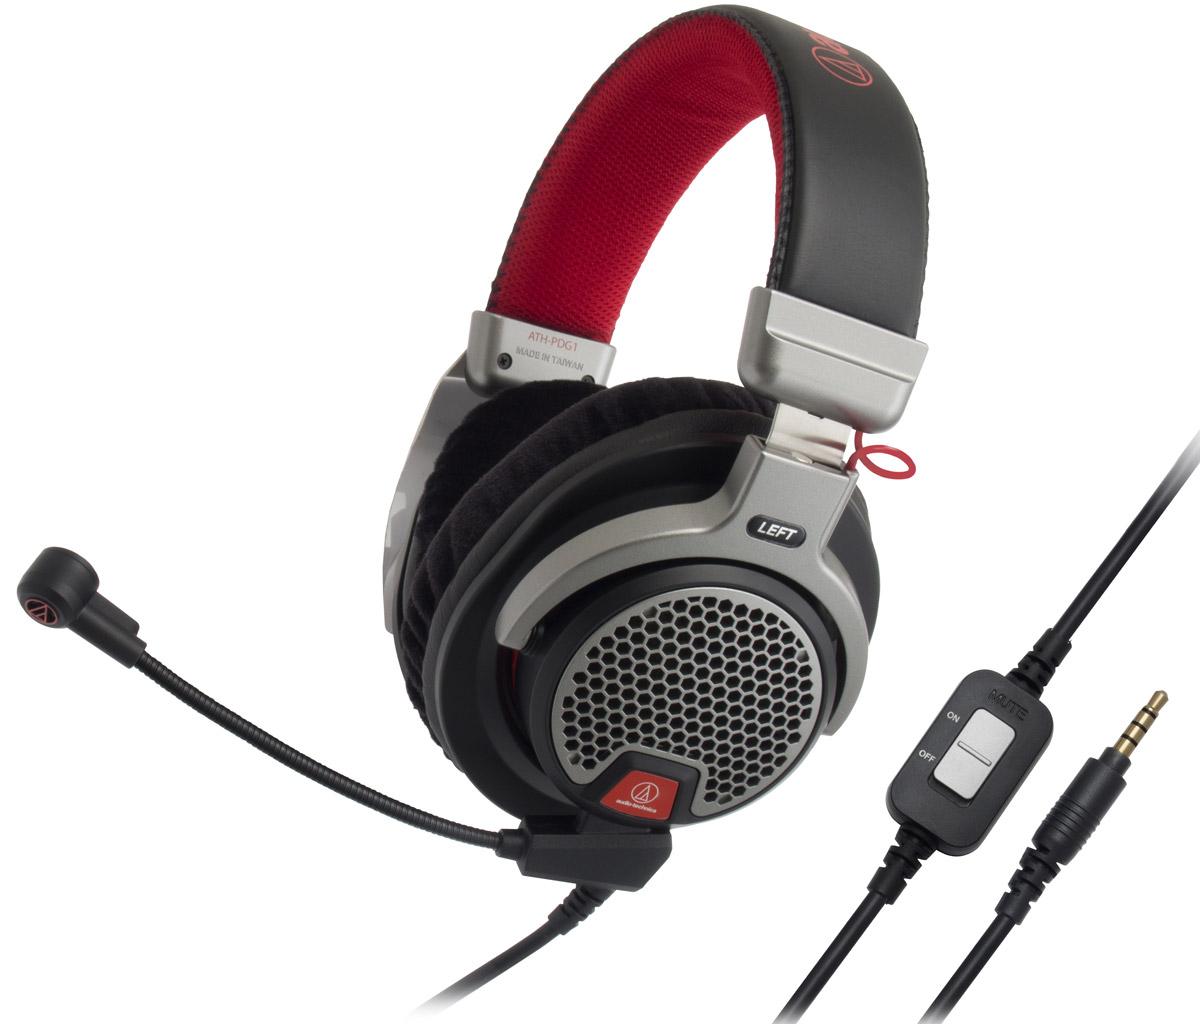 Audio-Technica ATH-PDG1 игровые наушники15118121Audio-Technica ATH-PDG1 – домашняя гарнитура премиум-класса открытого типа, предназначенная для компьютерных игр, телефонии и прослушивания музыки. Данная модель разработана специально для матёрых геймеров, которые ценят натуралистичный звук и естественные ощущения. Большие 40-мм динамики со звуковыми катушками CCAW специально настроены на воспроизведение всех живых деталей звука, которые могут предложить сегодняшние игры.Лёгкий, ячеистый алюминиевый корпус наушников даёт естественный, объёмный звук и сохраняет комфорт даже при самом интенсивном ведении огня в играх благодаря мягким кожаным амбушюрам. Модель имеет съёмный кабель, в комплекте идут три шнура, в том числе два с микрофонами: для смартфонов и для игр. Игровой микрофон обеспечивает кристально чистую голосовую связь с другими геймерами в игре, а пульт управления позволяет регулировать громкость.Невероятно живой звукОткрытое акустическое оформлениеЛёгкая конструкция, удобное оголовье и мягкие кожаные амбушюры обеспечивают комфортное ношение